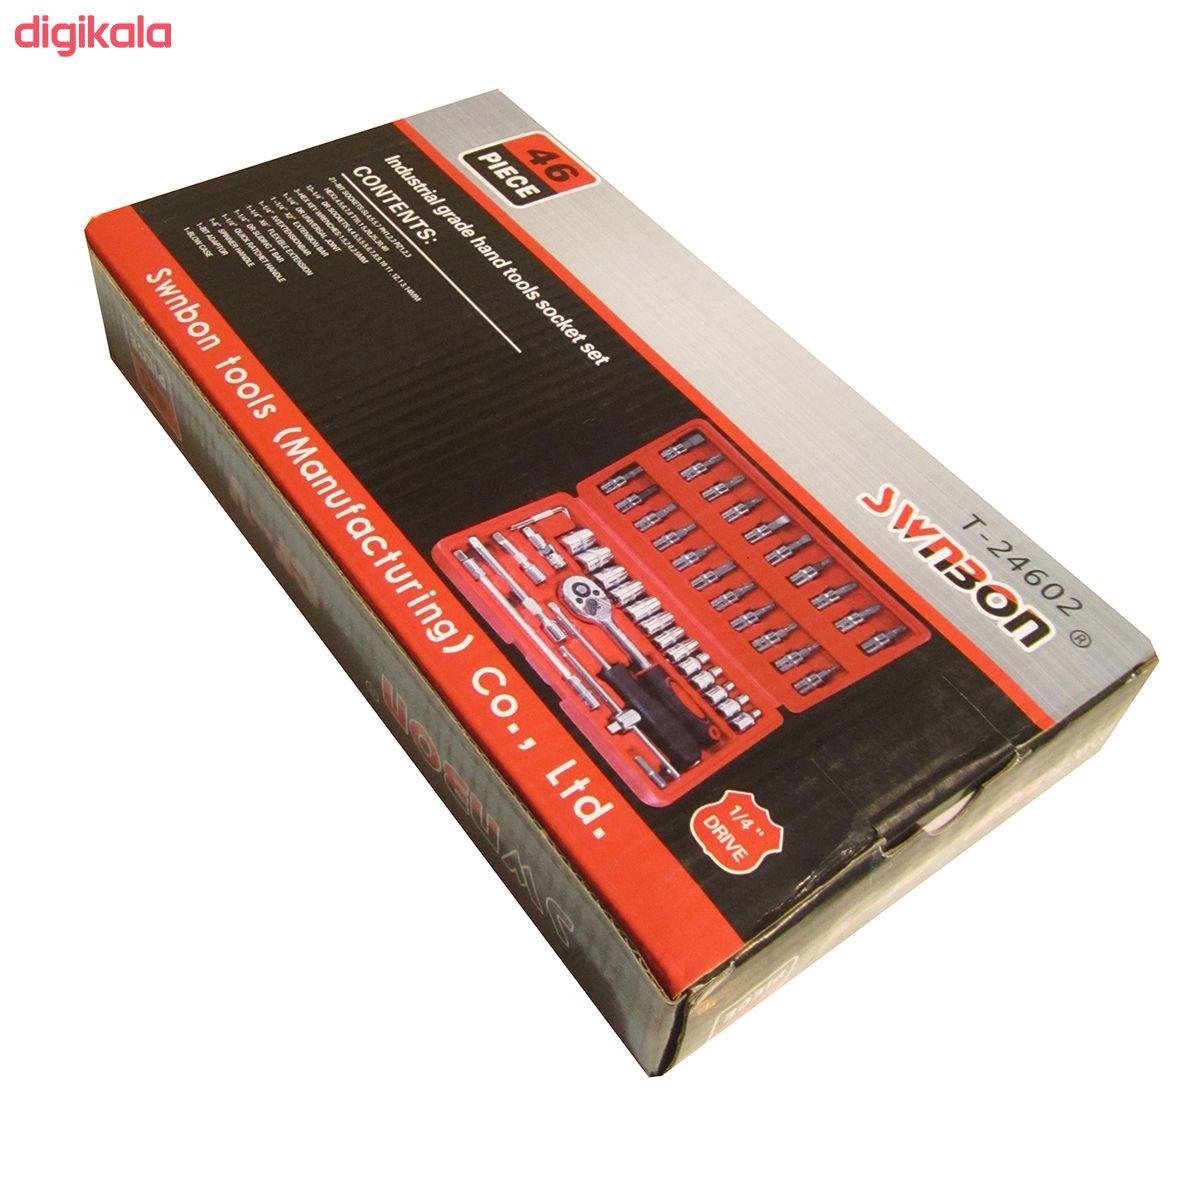 مجموعه 46 عددی آچار و سری بکس و پیچ گوشتی سوانبون مدل T-24602 main 1 6